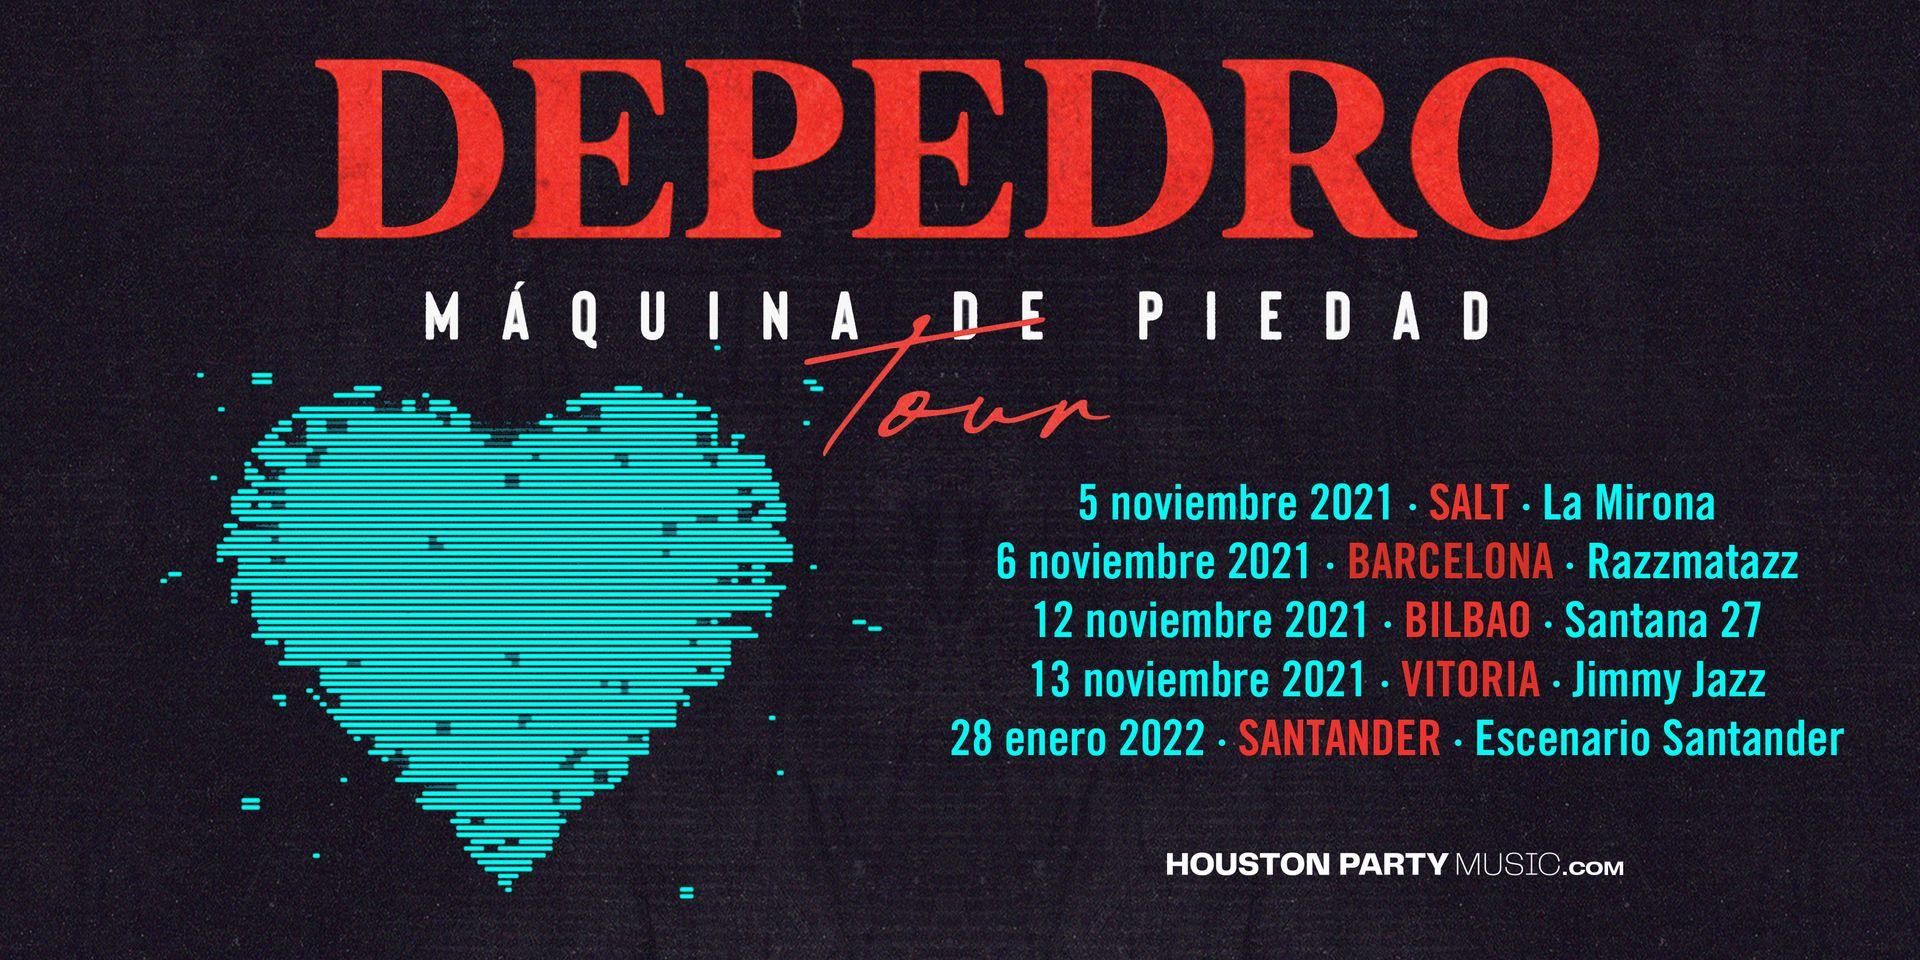 """Depedro anuncia las primeras fechas de presentación de su próximo disco, """"Máquina de piedad"""""""